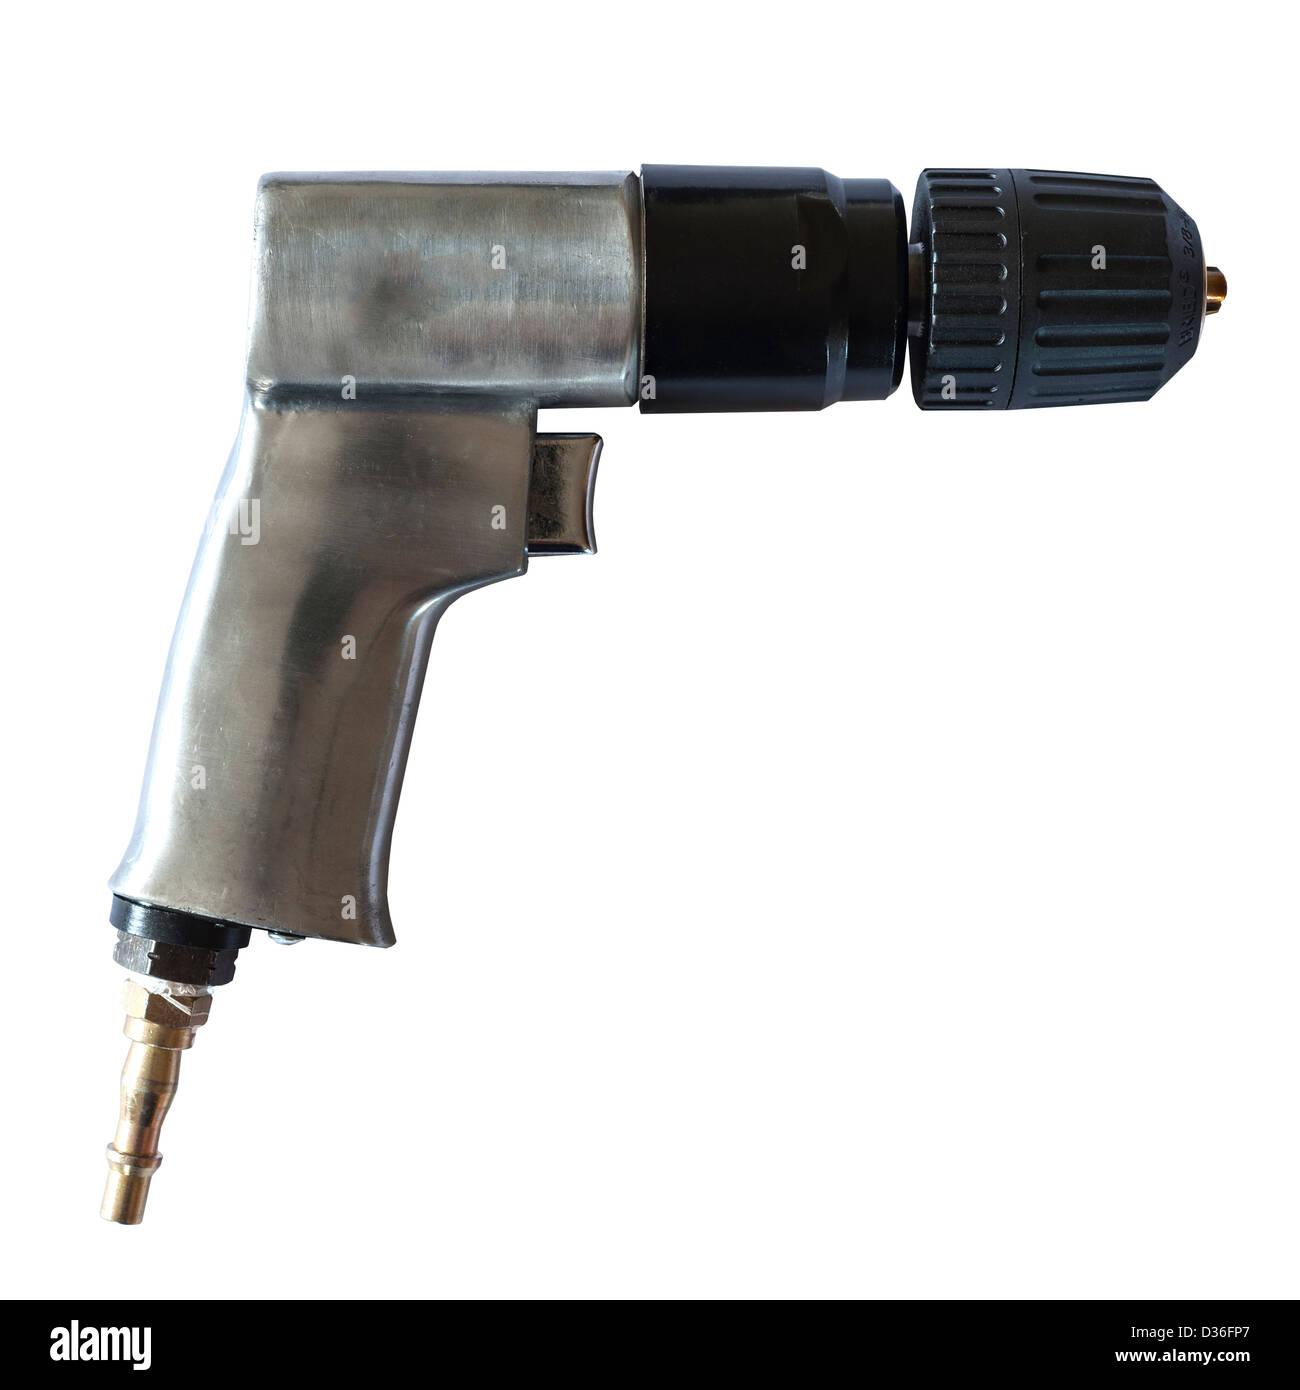 Un outil de perçage mandrin sans clé à utiliser avec un compresseur d'air sur un fond blanc Photo Stock